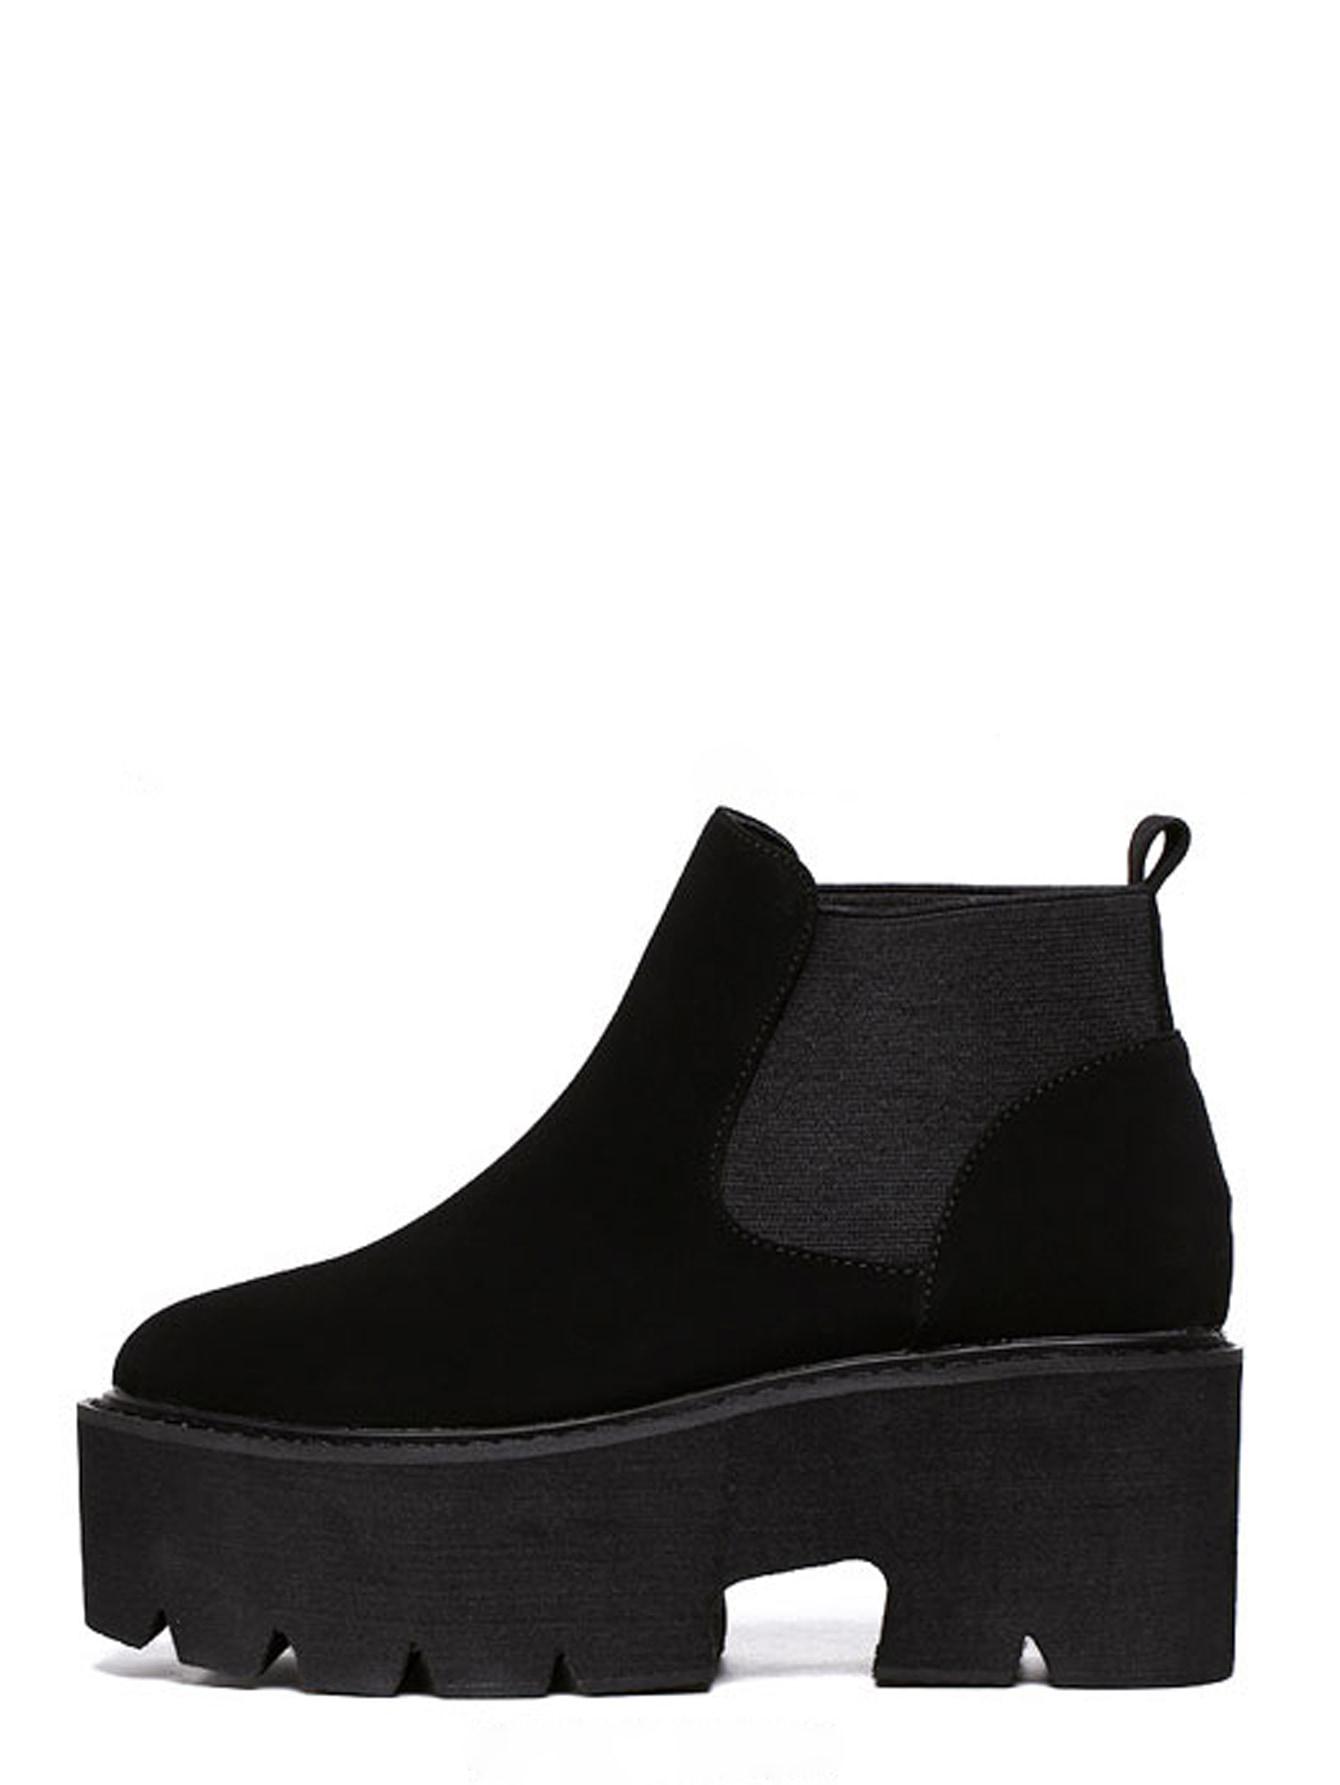 Black Round Toe Platform Chunky Ankle BootsBlack Round Toe Platform Chunky Ankle Boots<br><br>color: Black<br>size: EUR36,EUR37,EUR38,EUR39